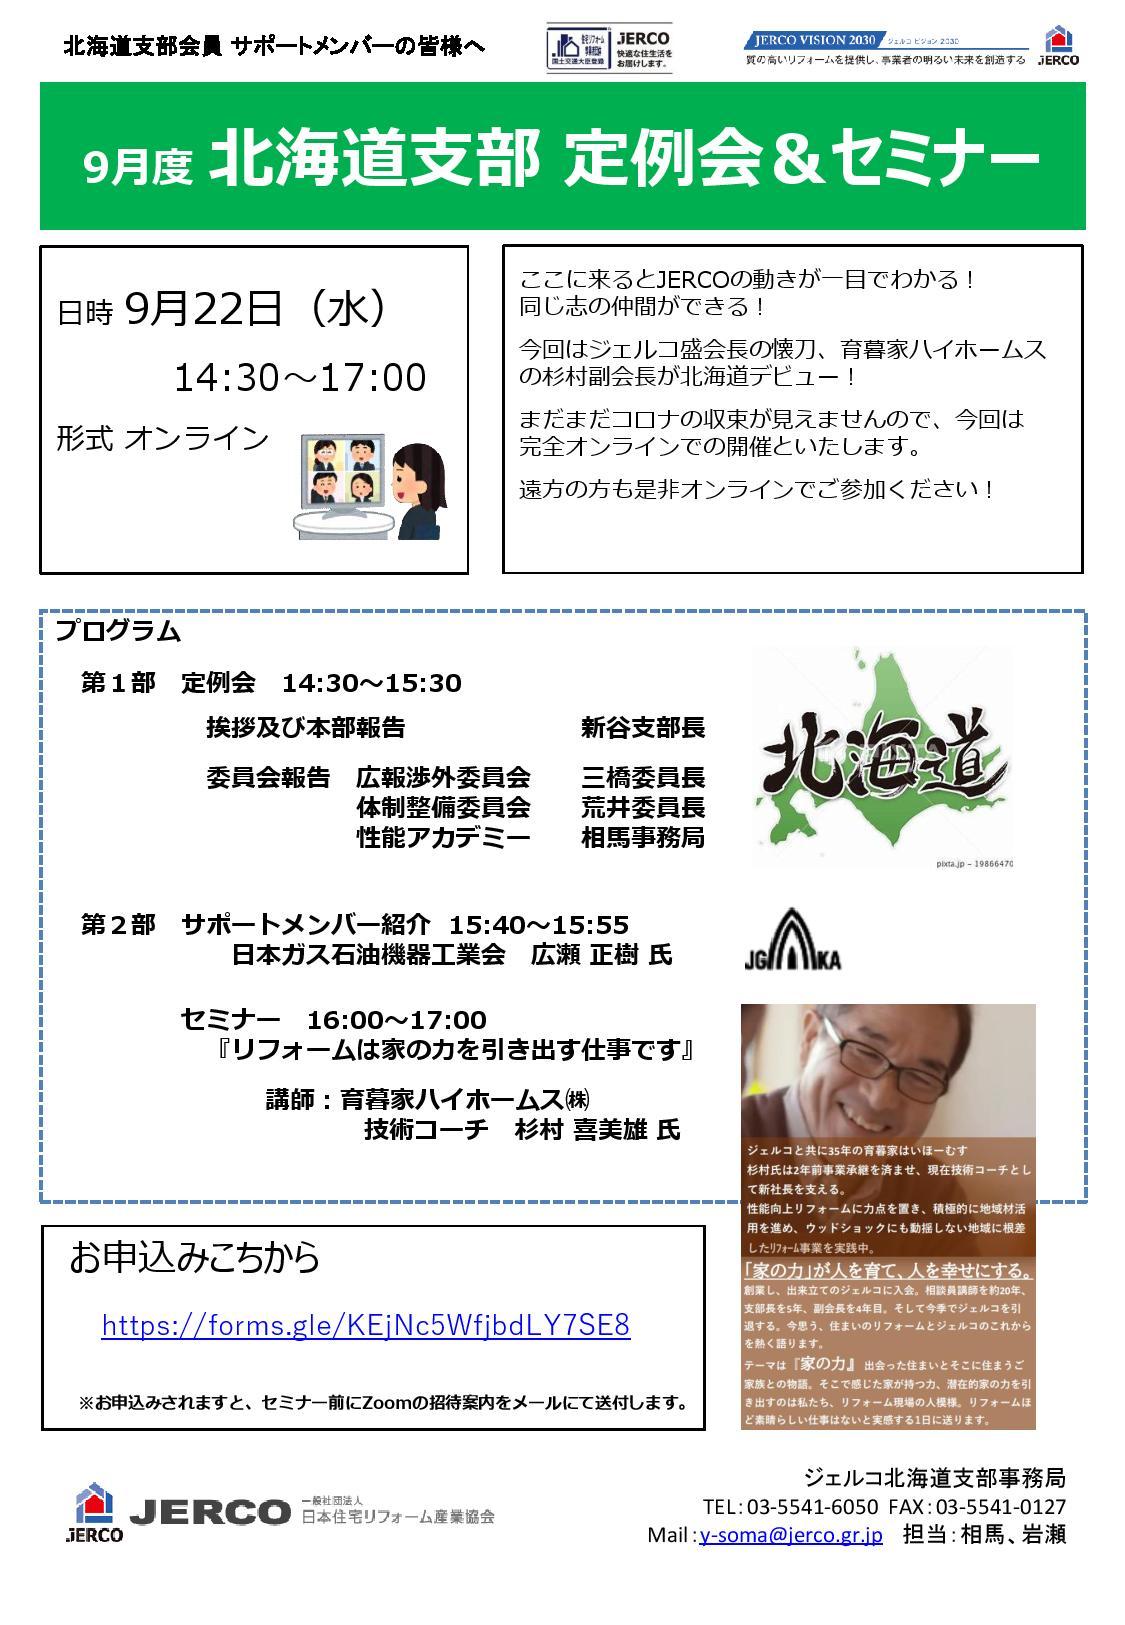 2021年9月22日(水)ジェルコ北海道支部定例会&セミナー